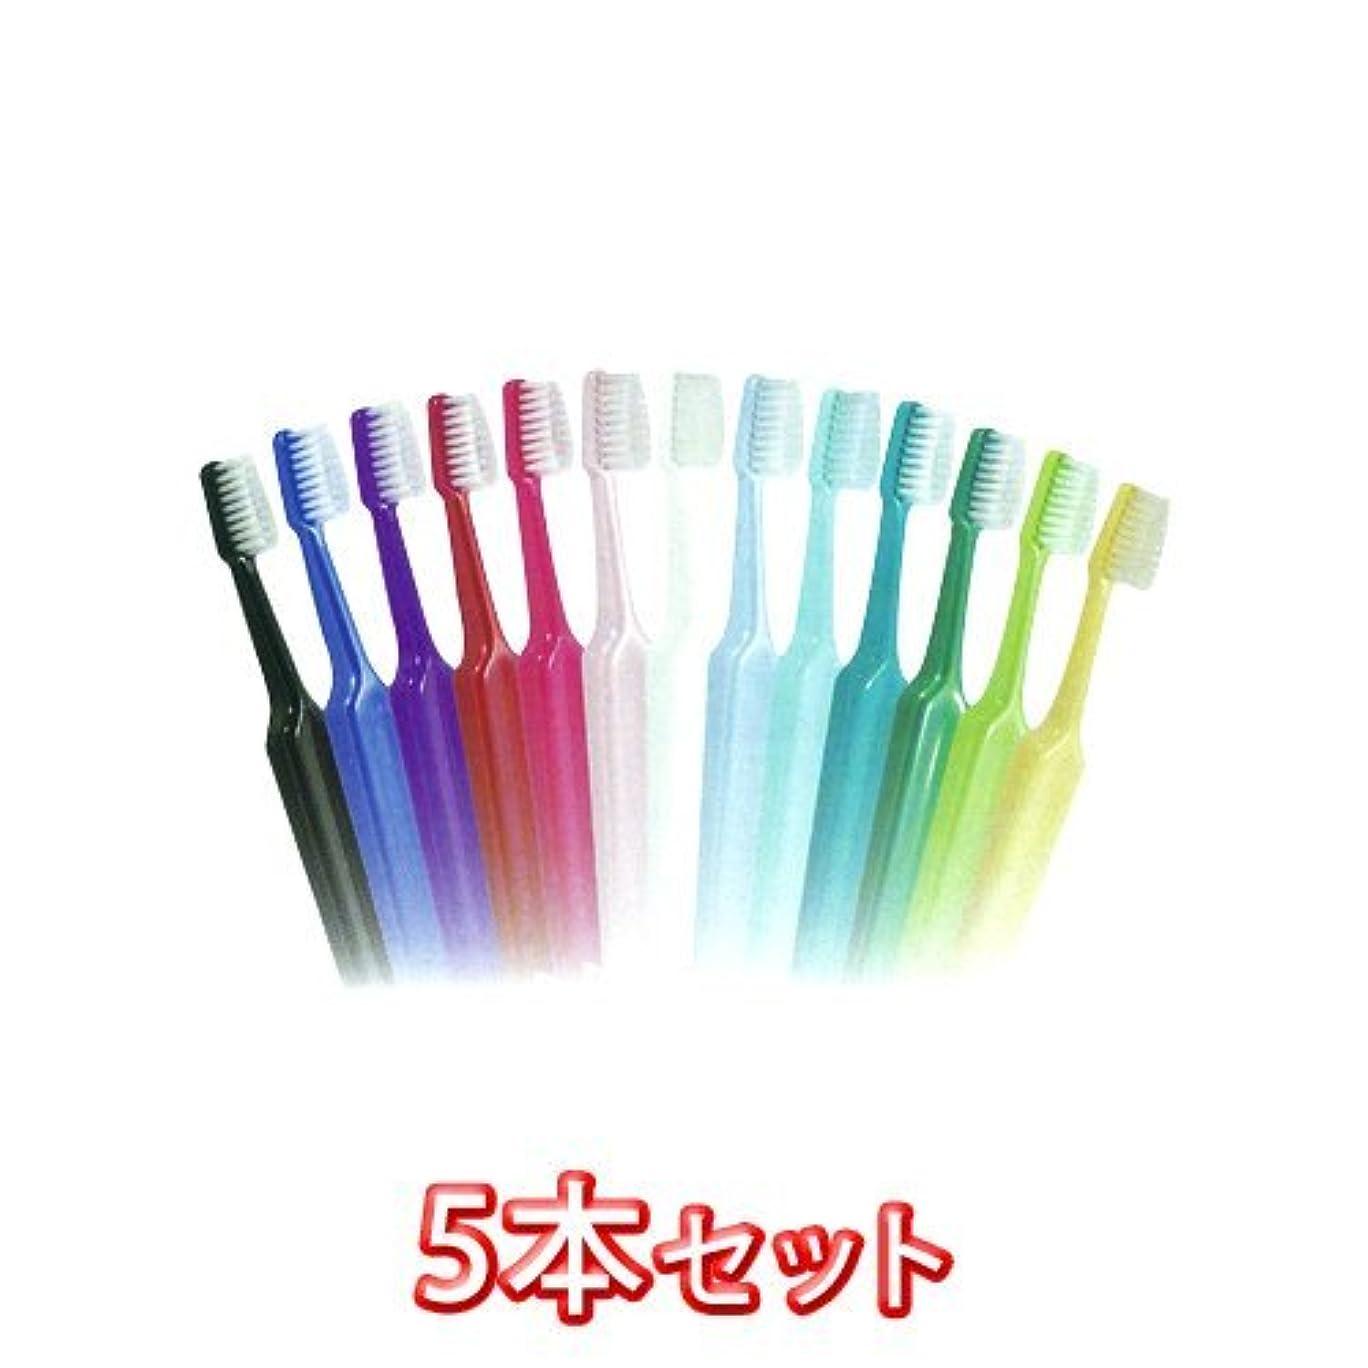 オークランドバッフル比較クロスフィールド TePe テペセレクトコンパクト 歯ブラシ × 5本入 コンパクトソフト